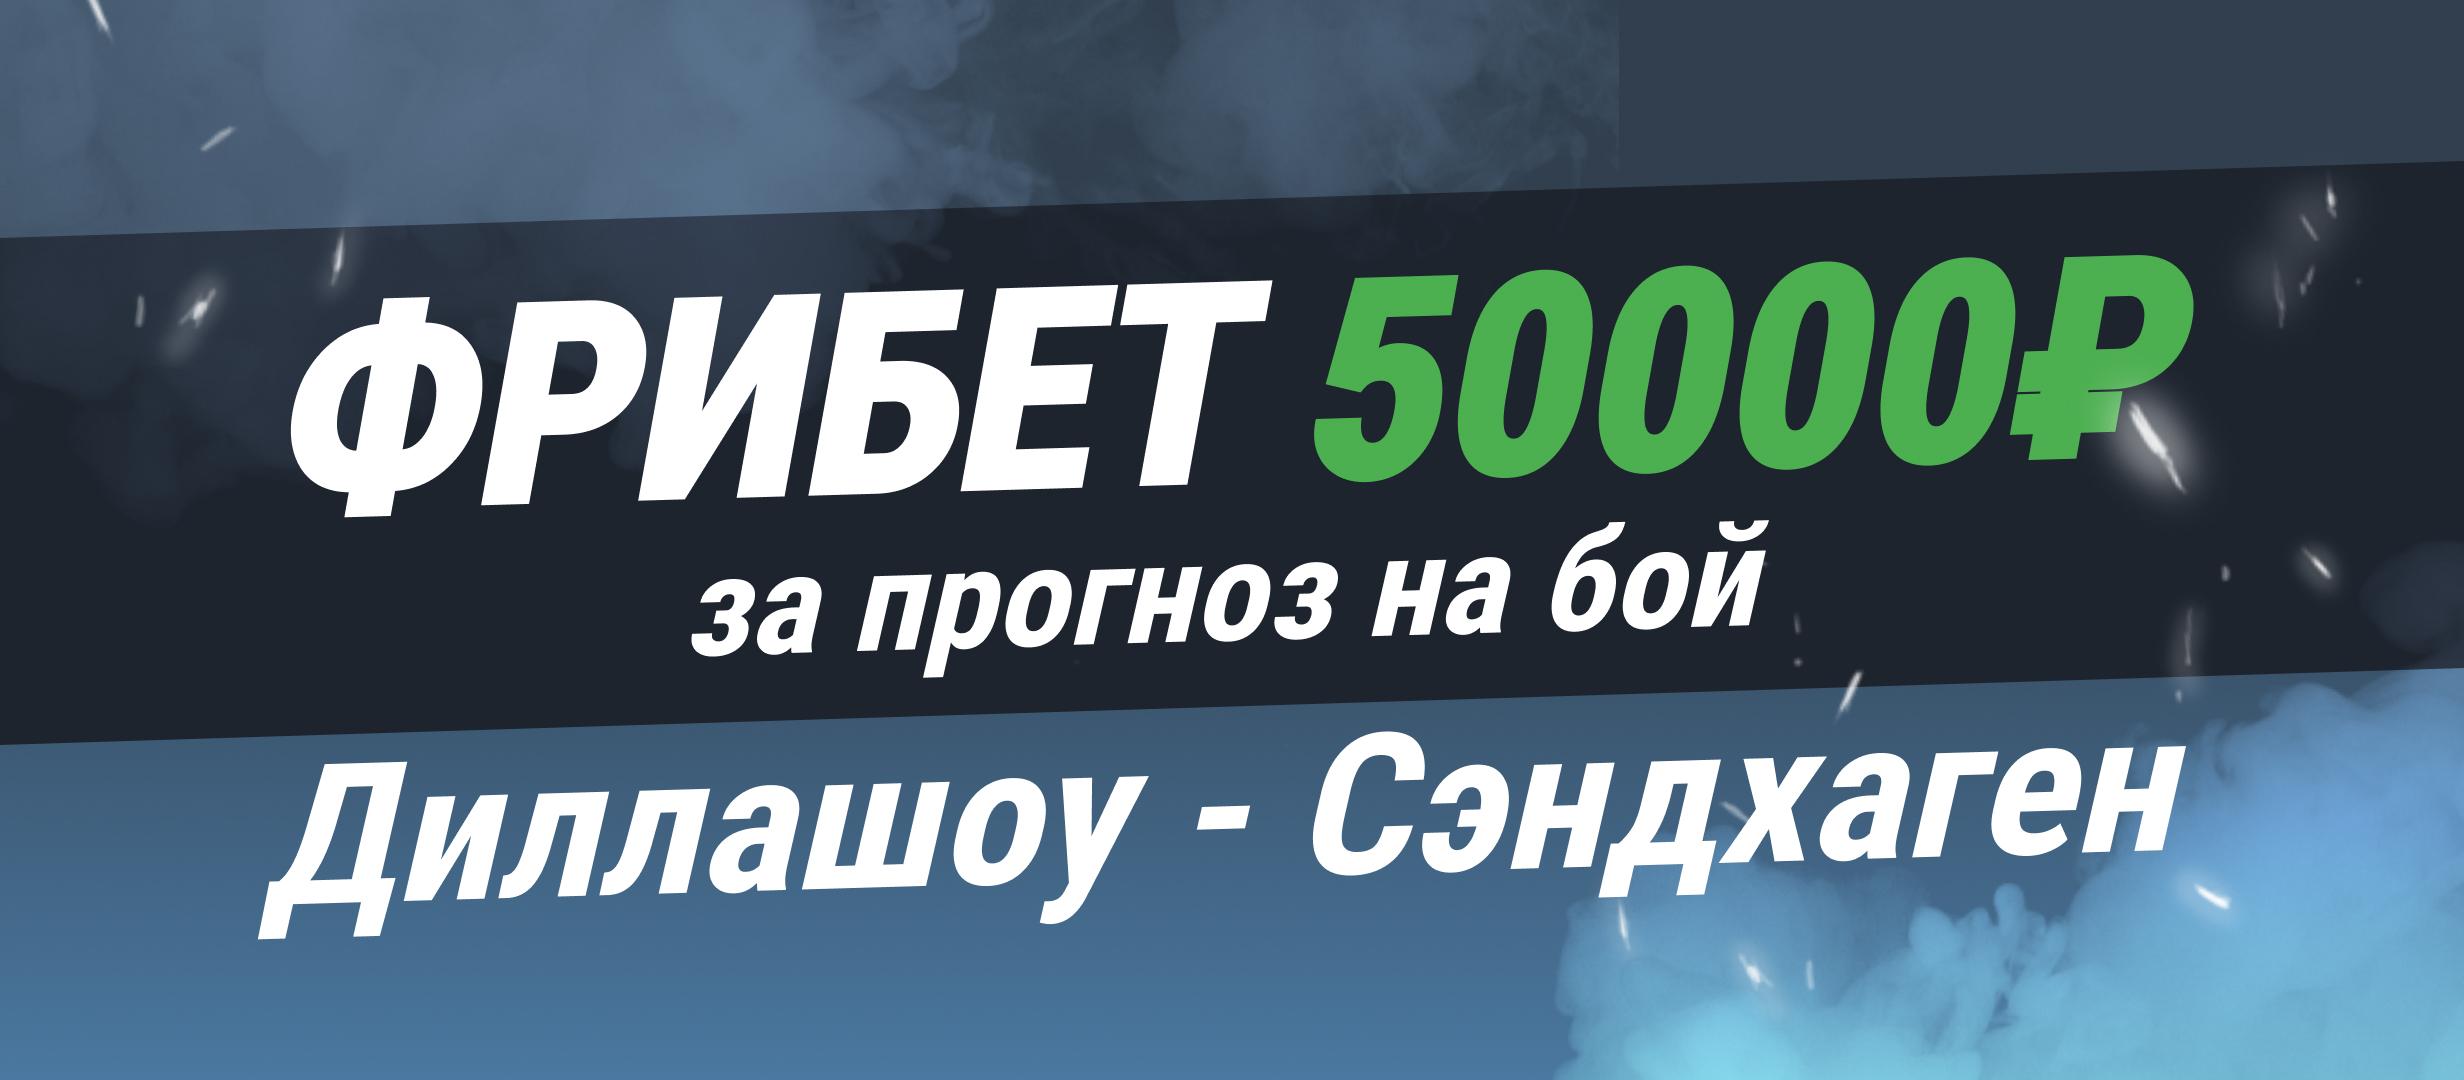 Страховка ставки от Балтбет 50000 ₽.